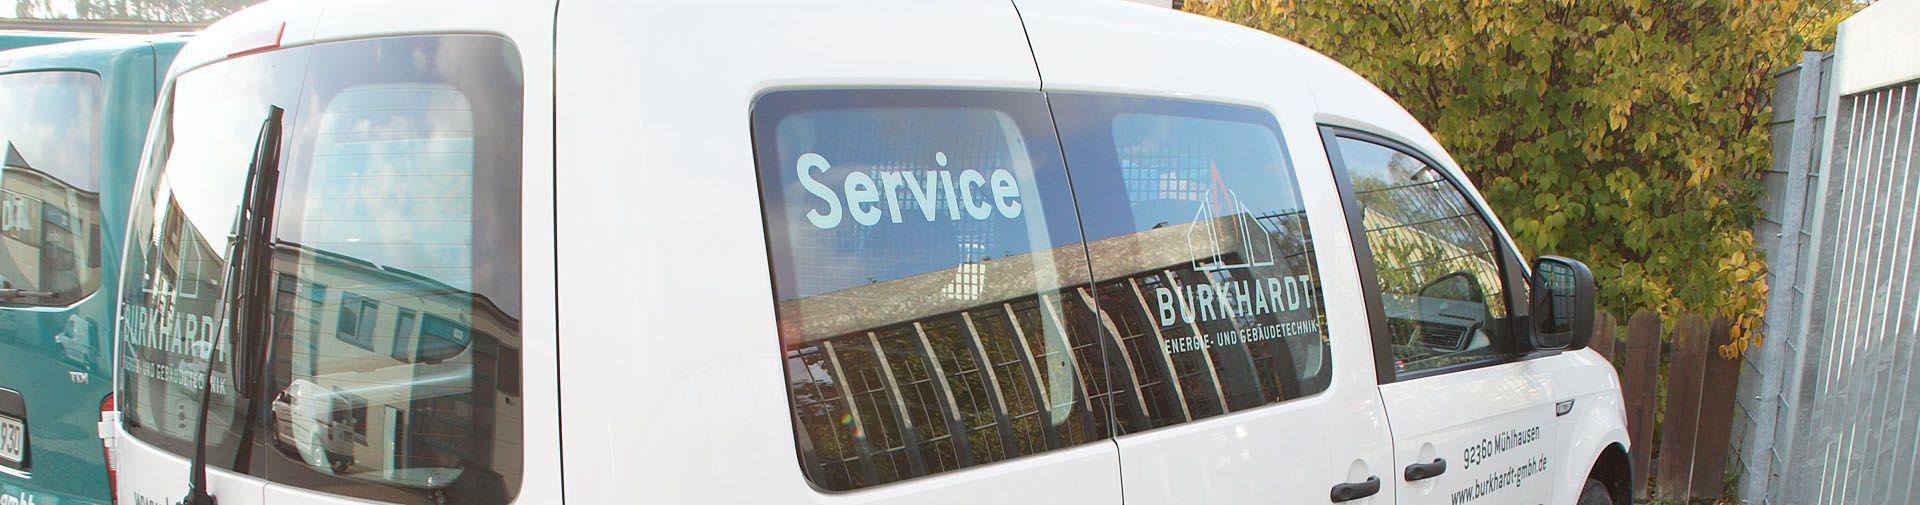 Service Kundendienst für Heizung, Klimaanlagen in Neumarkt, Nürnberg, Ingolstadt.